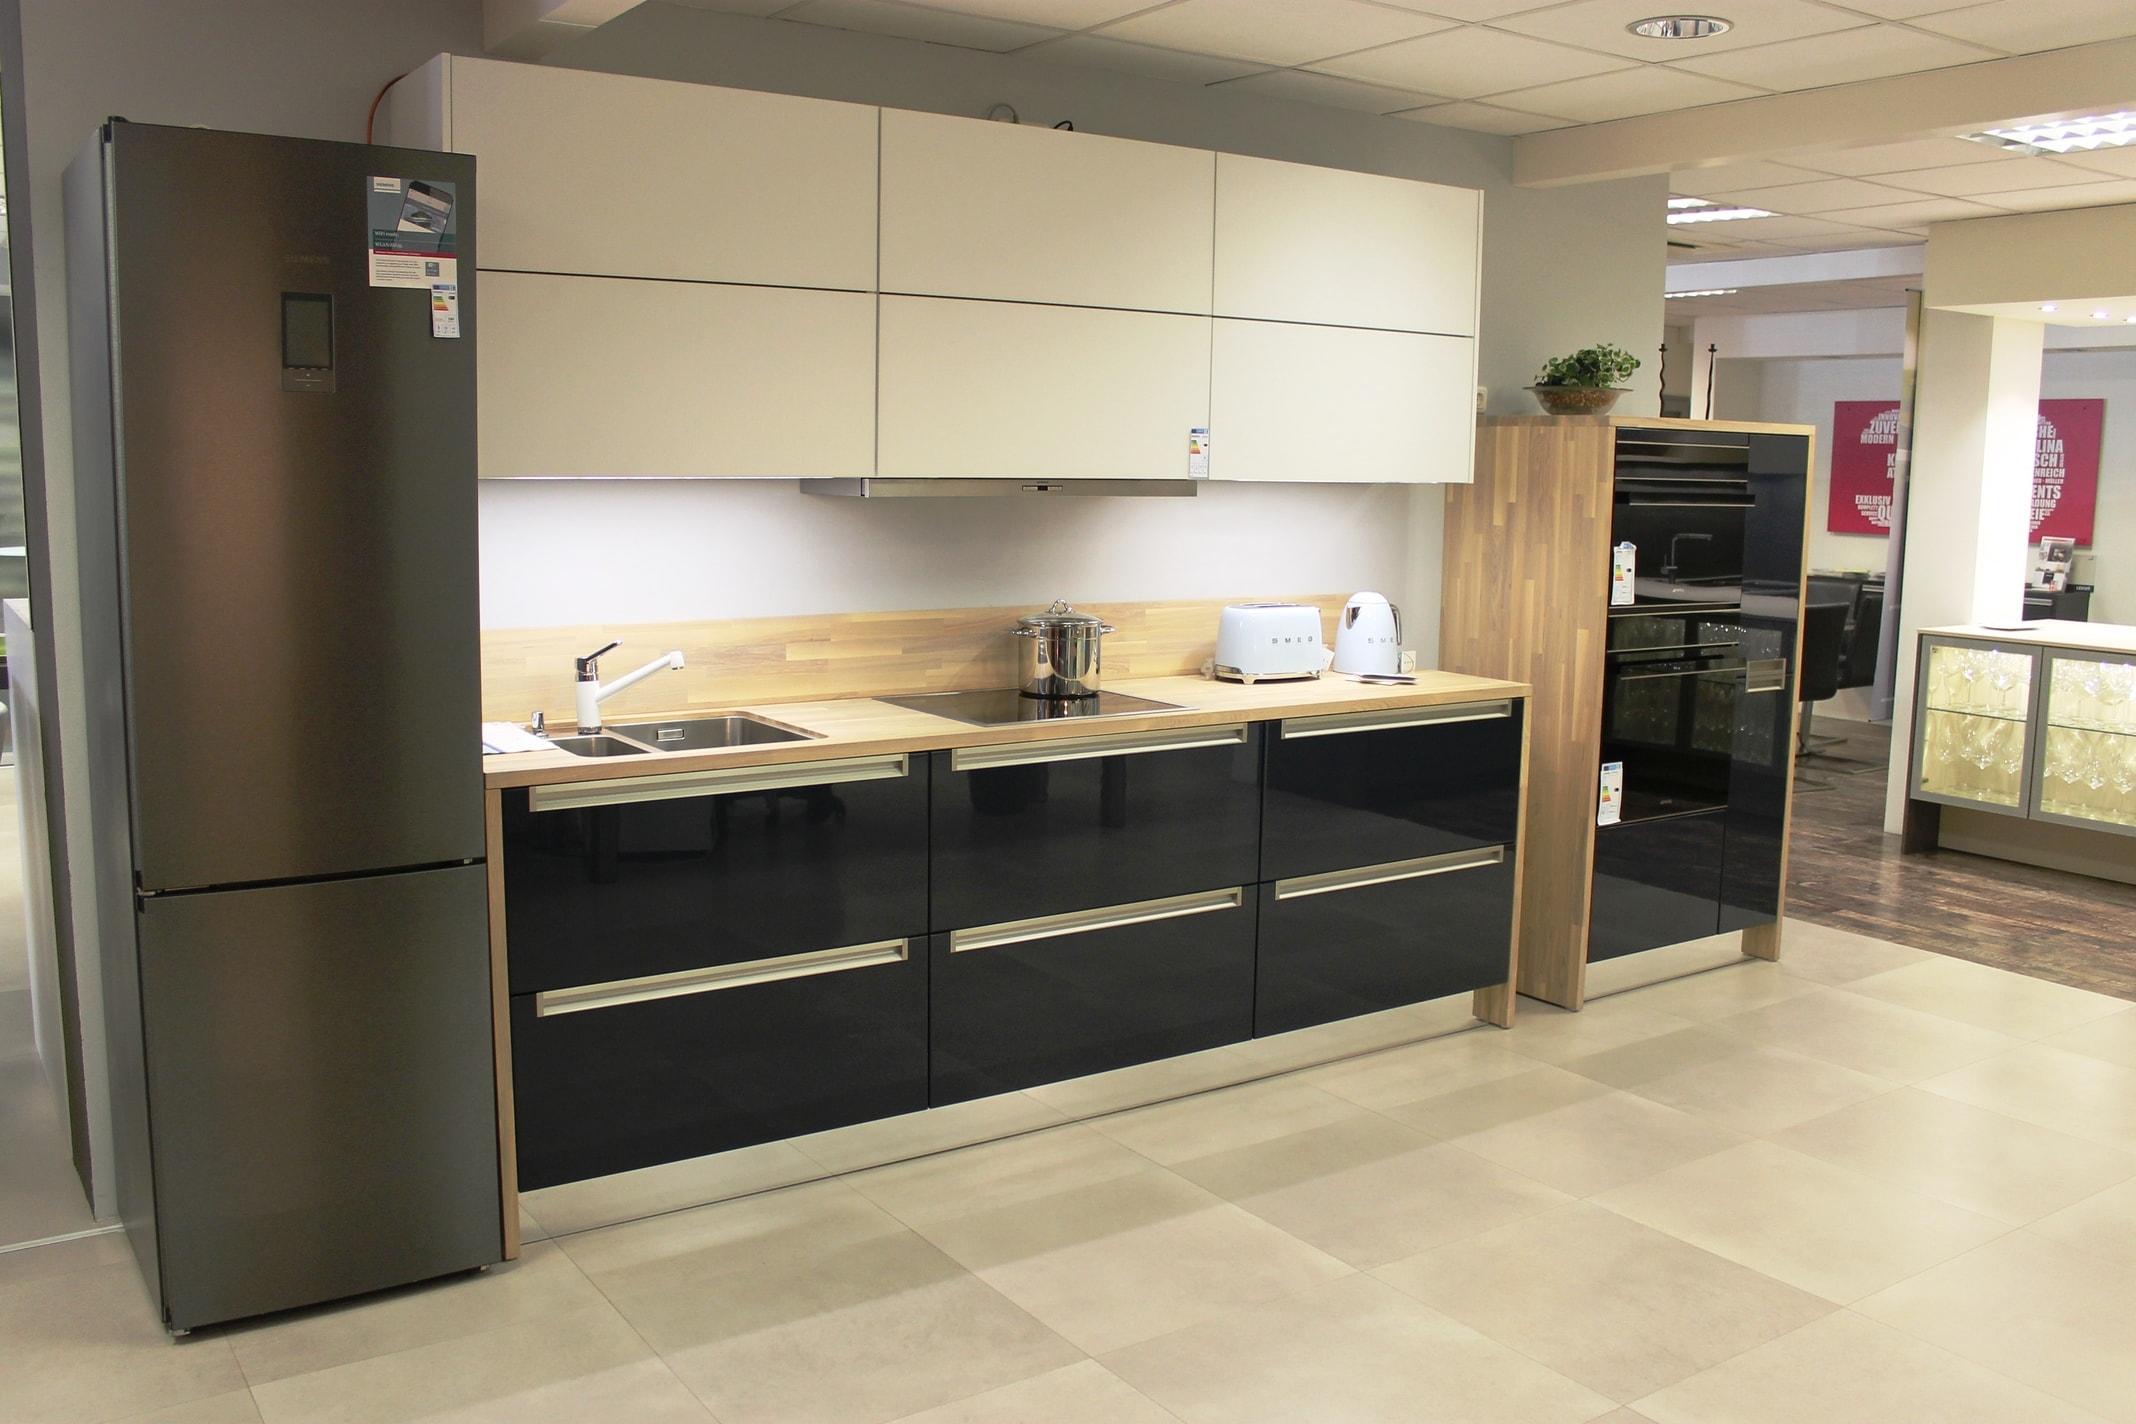 Klöckner´s Küchenstudio in Gründau | Kreativ - Ehrlich - Kompetent